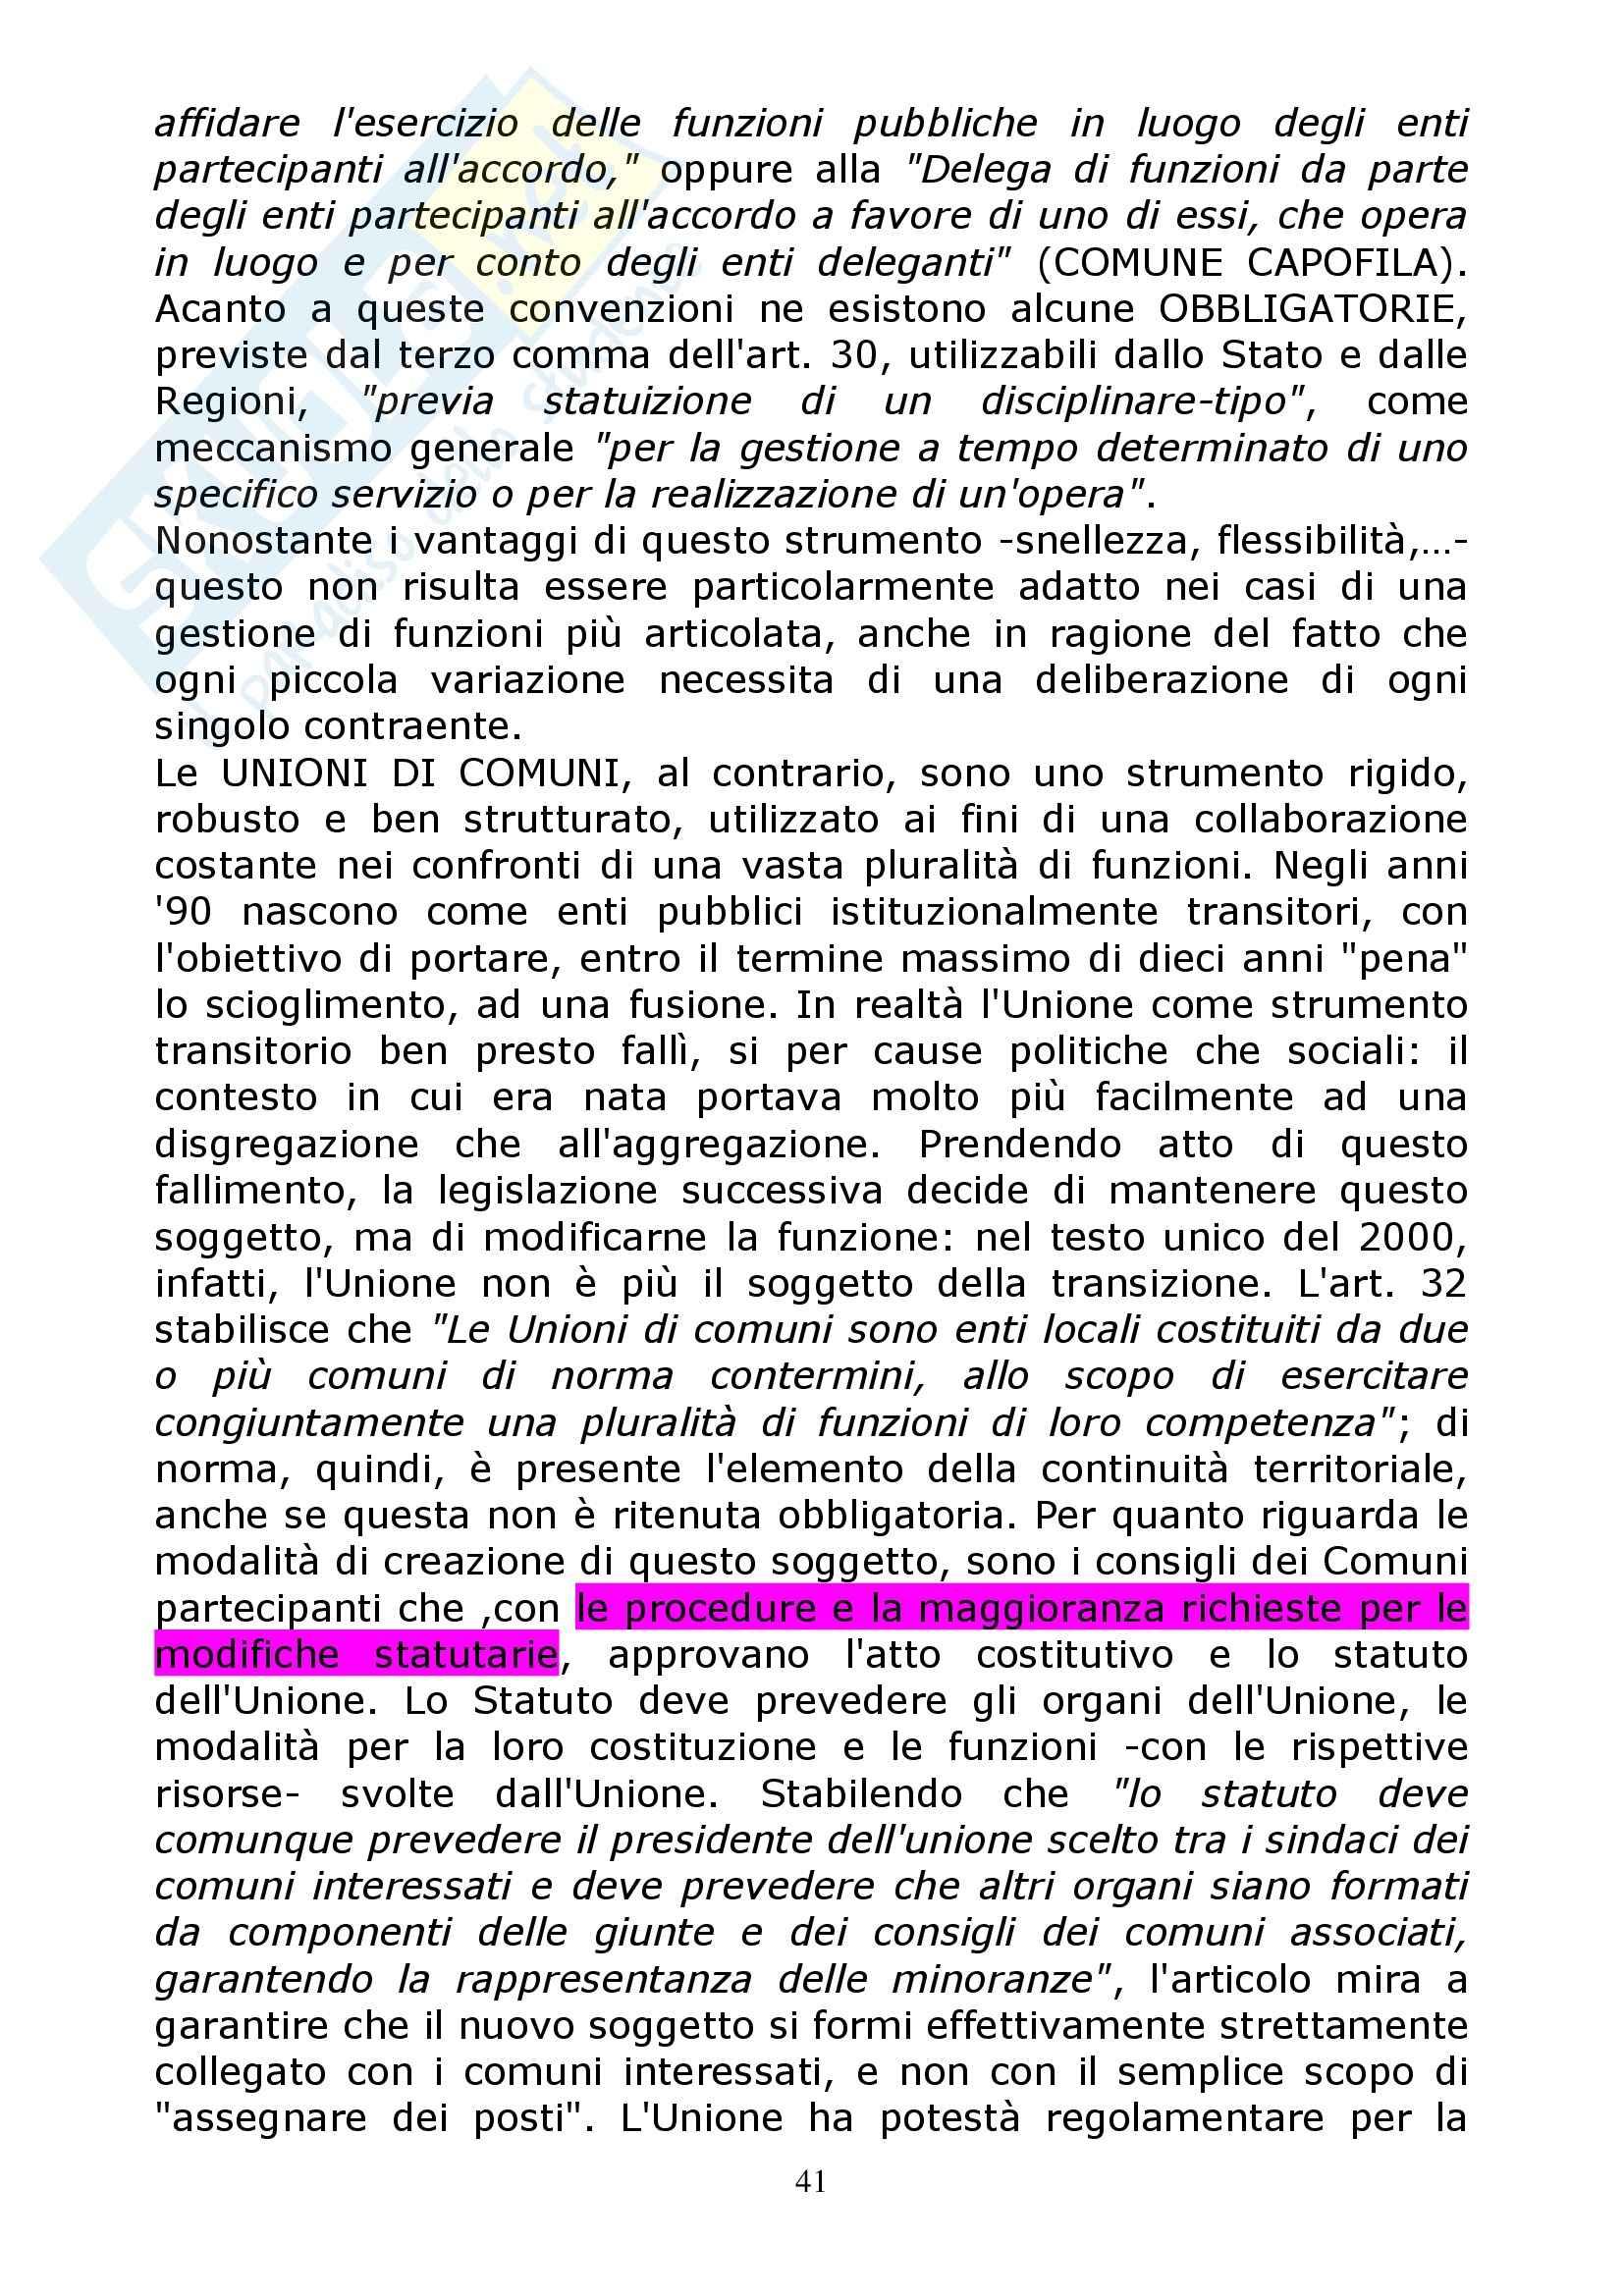 Diritto regionale - l'evoluzione storica delle autonomie locali Pag. 41